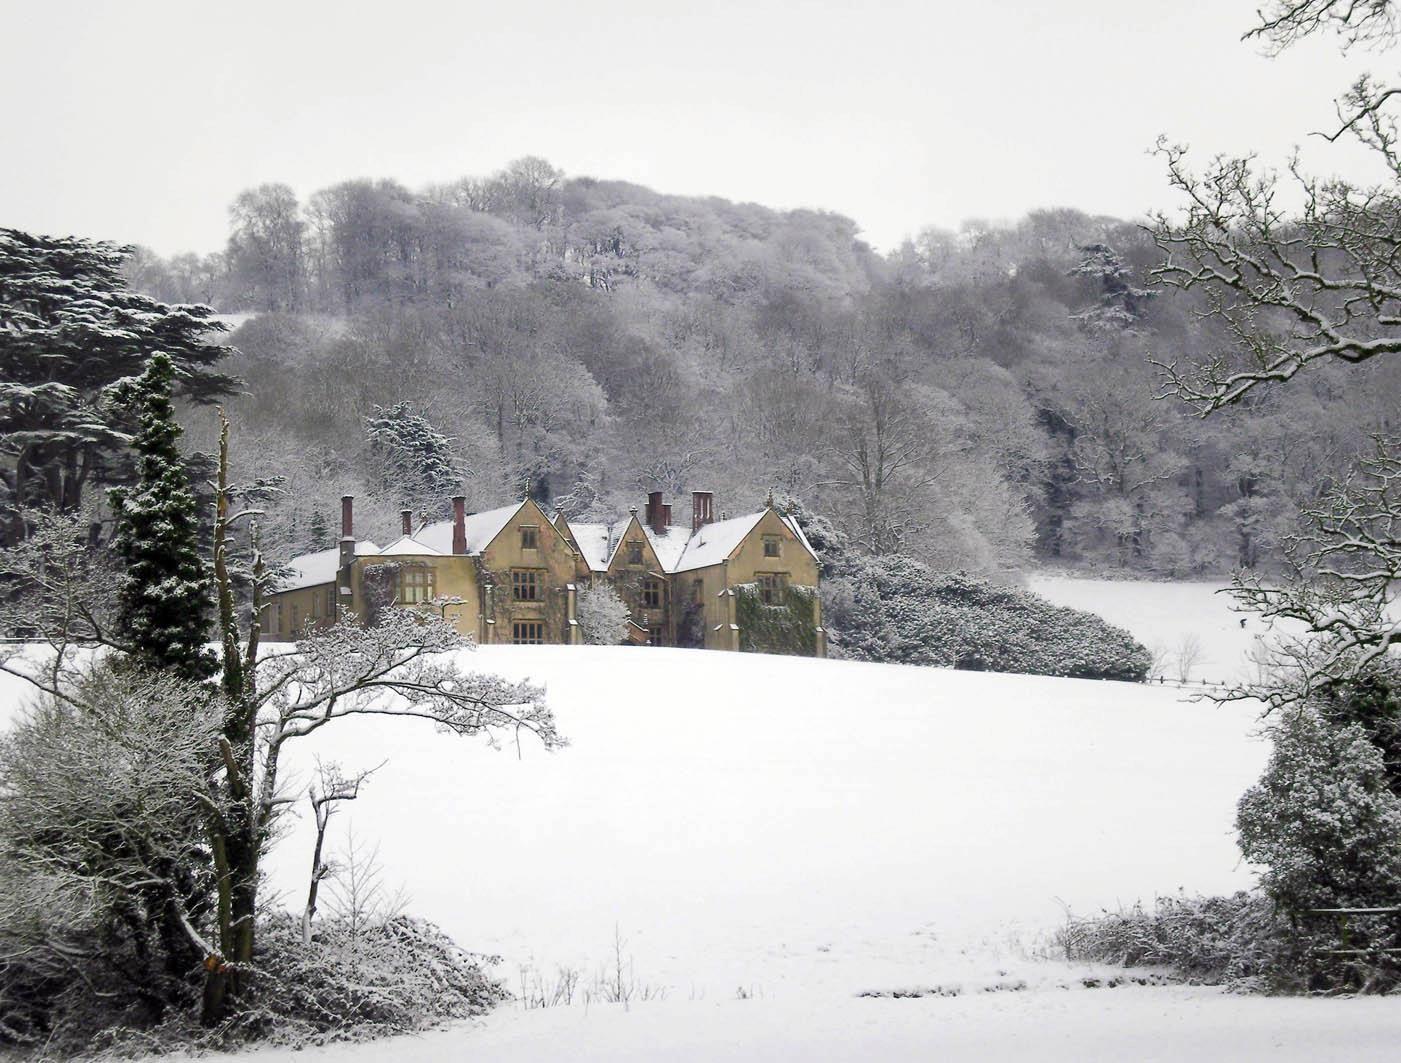 Winter Pictures Devon England